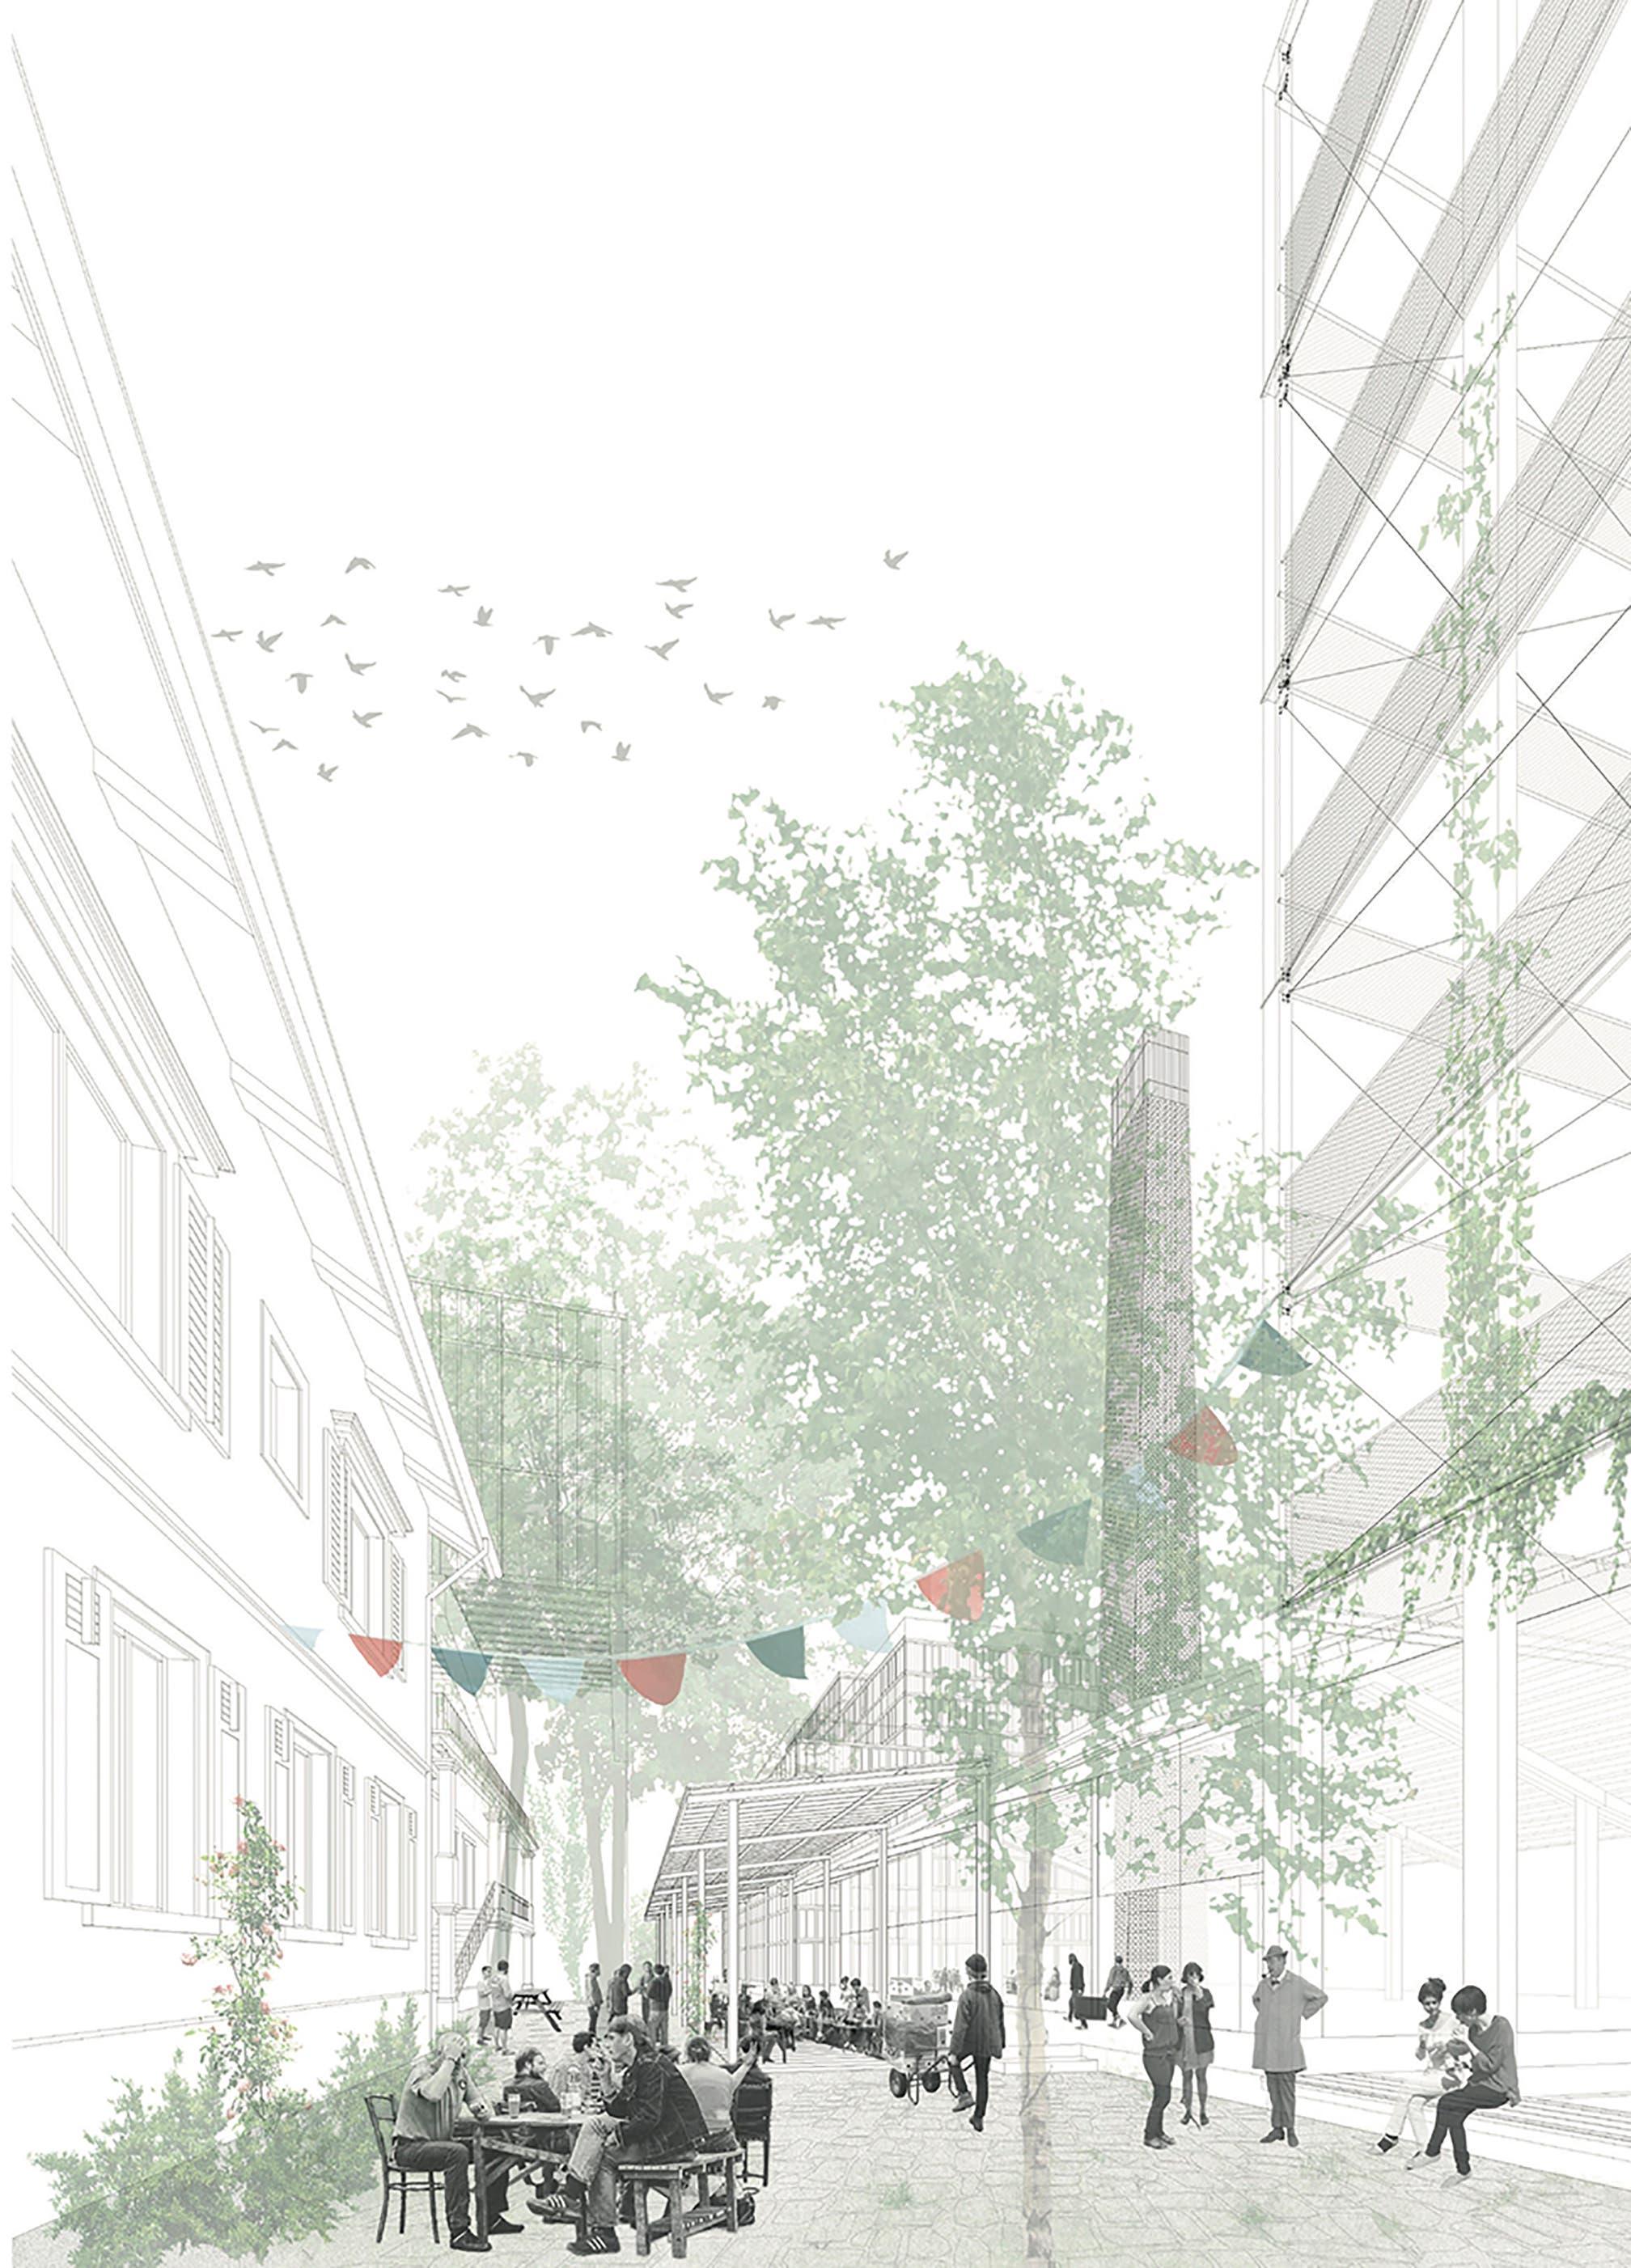 Das Siegerprojekt «Mon oncle» von Rolf Mühlethaler Architekt BSA SIA mit Architekturhistoriker Christoph Schläppi, beide aus Bern...